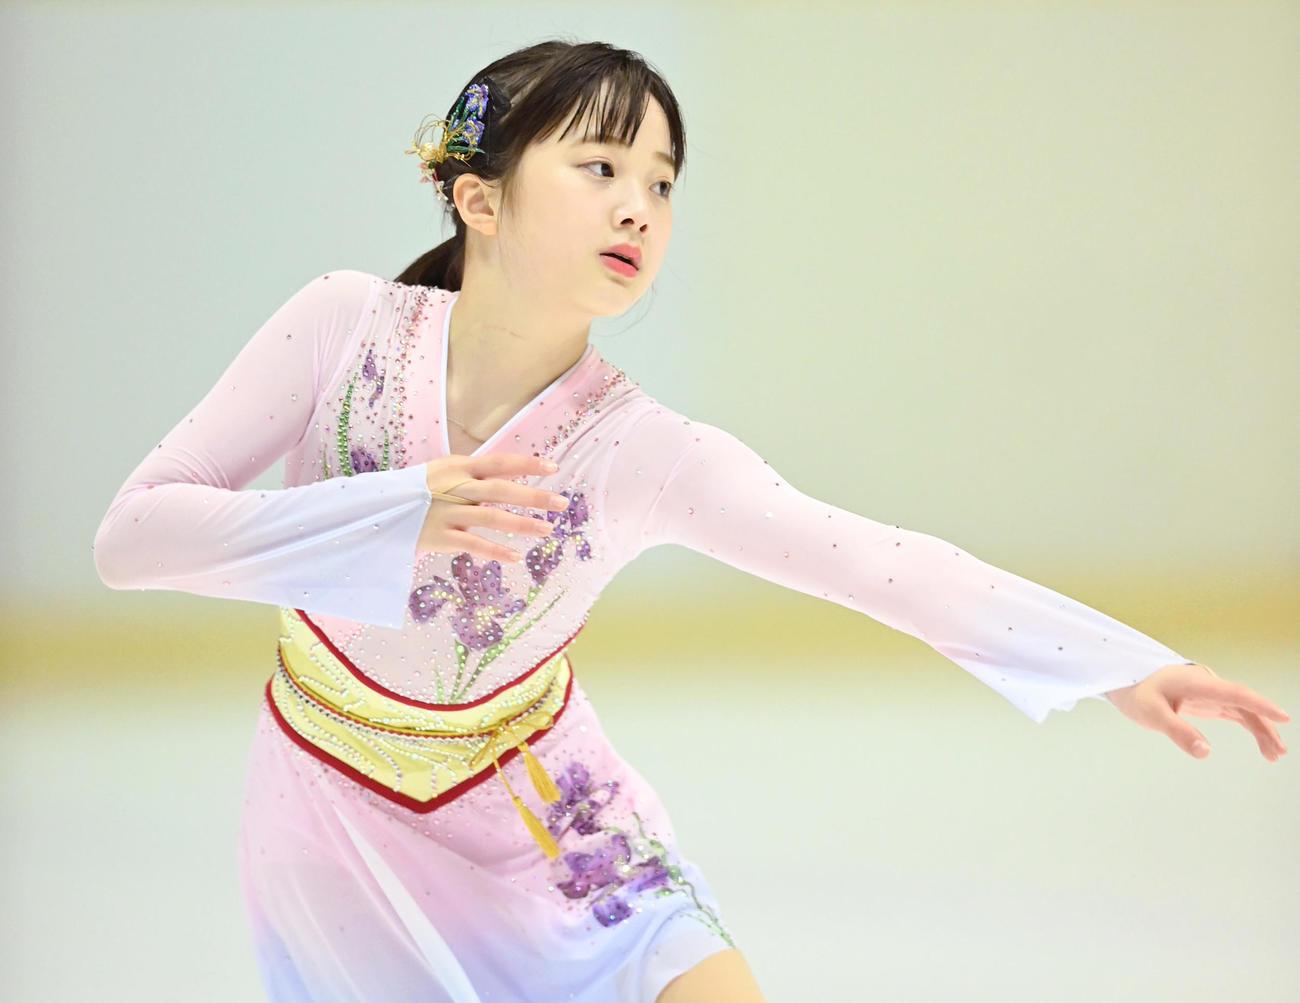 フィギュアスケート近畿選手権 ジュニア女子フリーで演技を披露する本田紗来(代表撮影)